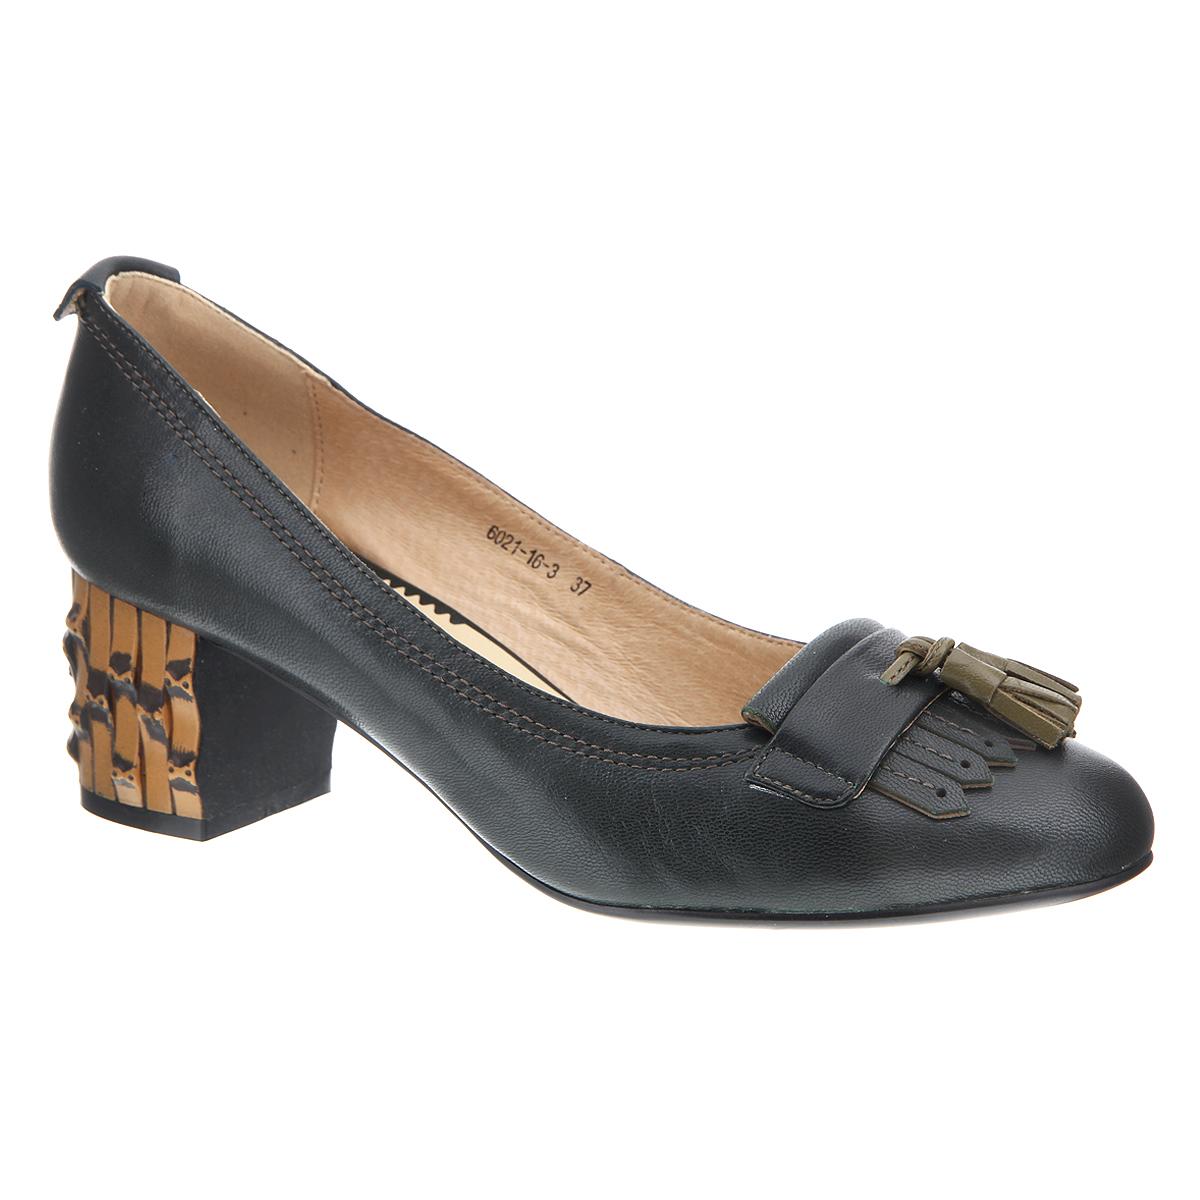 Туфли женские. 6021-16-36021-16-3Женские туфли на каблуке от Lisette прекрасно подчеркнут ваш стиль. Верх модели и внутренняя часть выполнены из натуральной кожи. Стелька из натуральной кожи гарантирует комфорт и удобство при ходьбе. Оформлено изделие бахромой и декоративными кисточками контрастного цвета. Подошва выполнена из прочной резины с противоскользящим рифлением. Устойчивый широкий каблук оформлен декоративной отделкой. Такие туфли станут прекрасным дополнением вашего гардероба. Они сделают вас ярче и подчеркнут вашу индивидуальность.